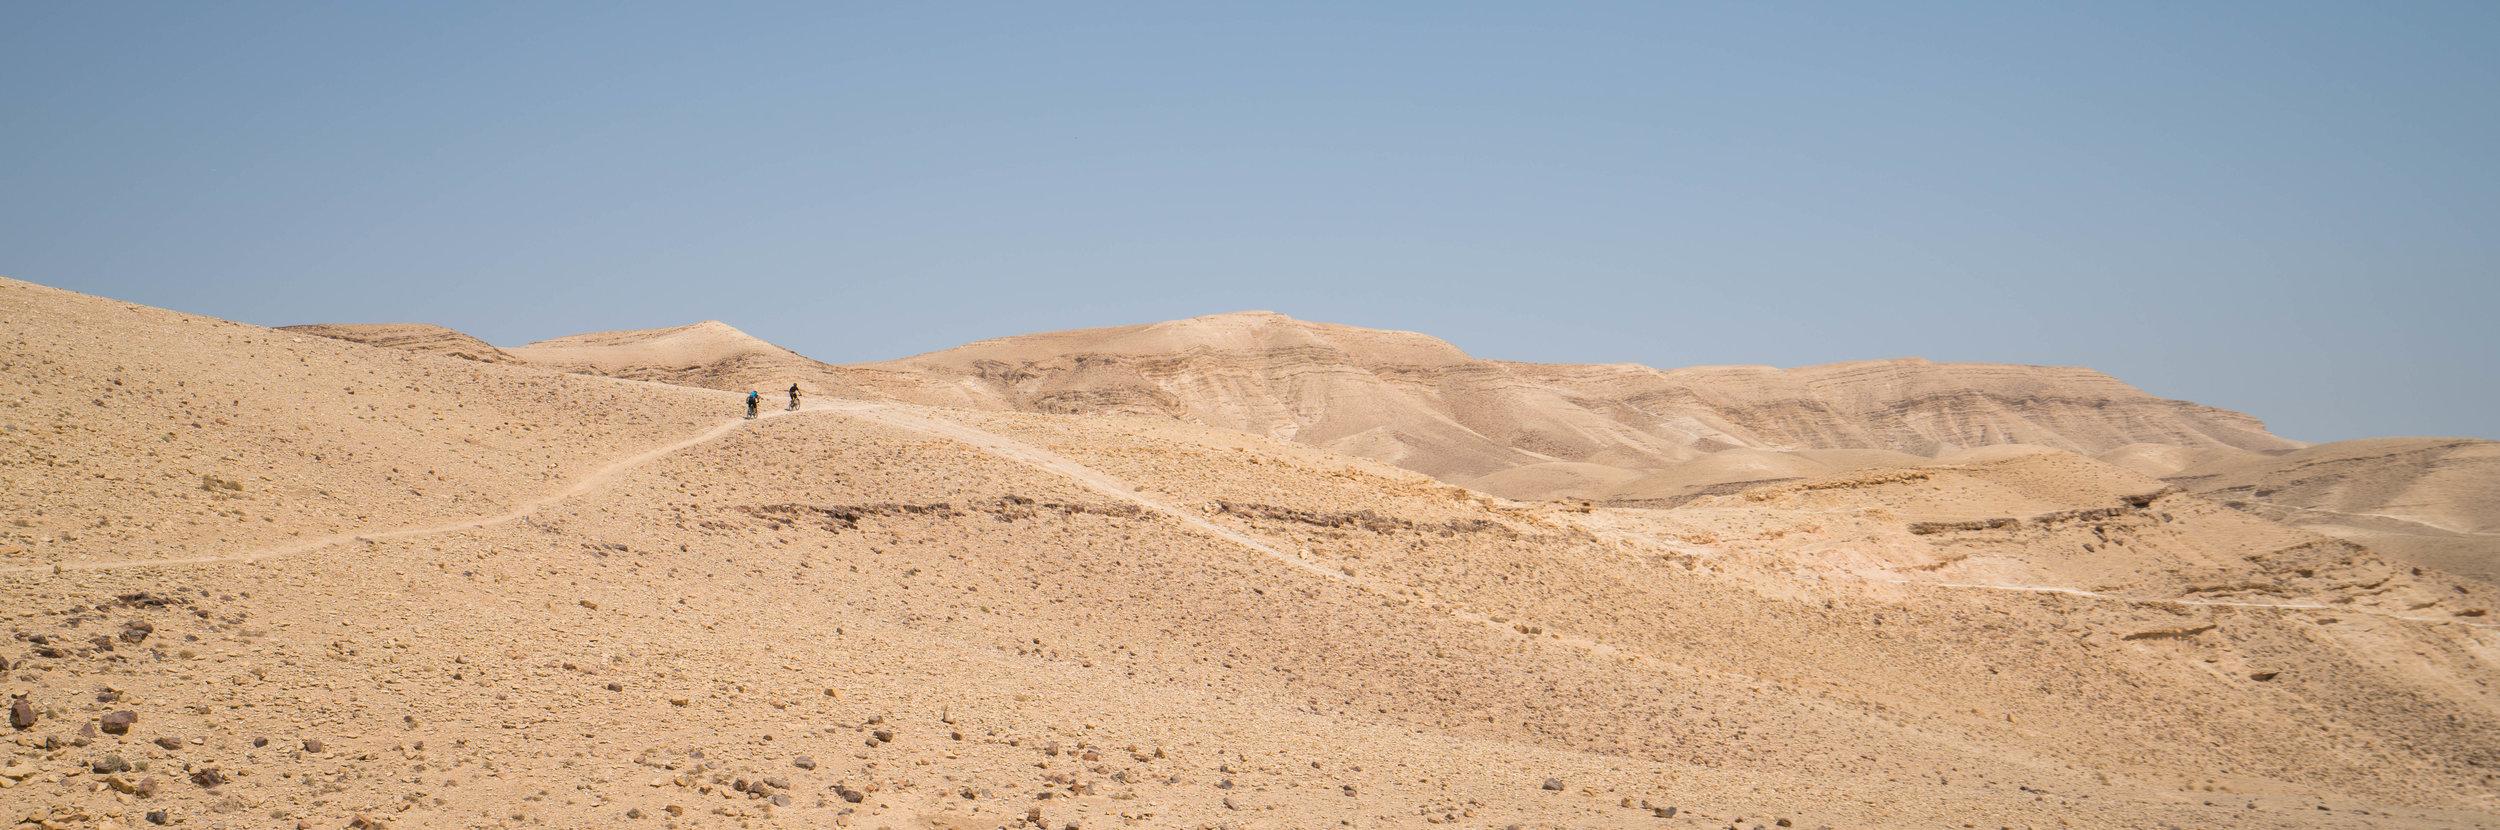 Epic_Israel-10.jpg